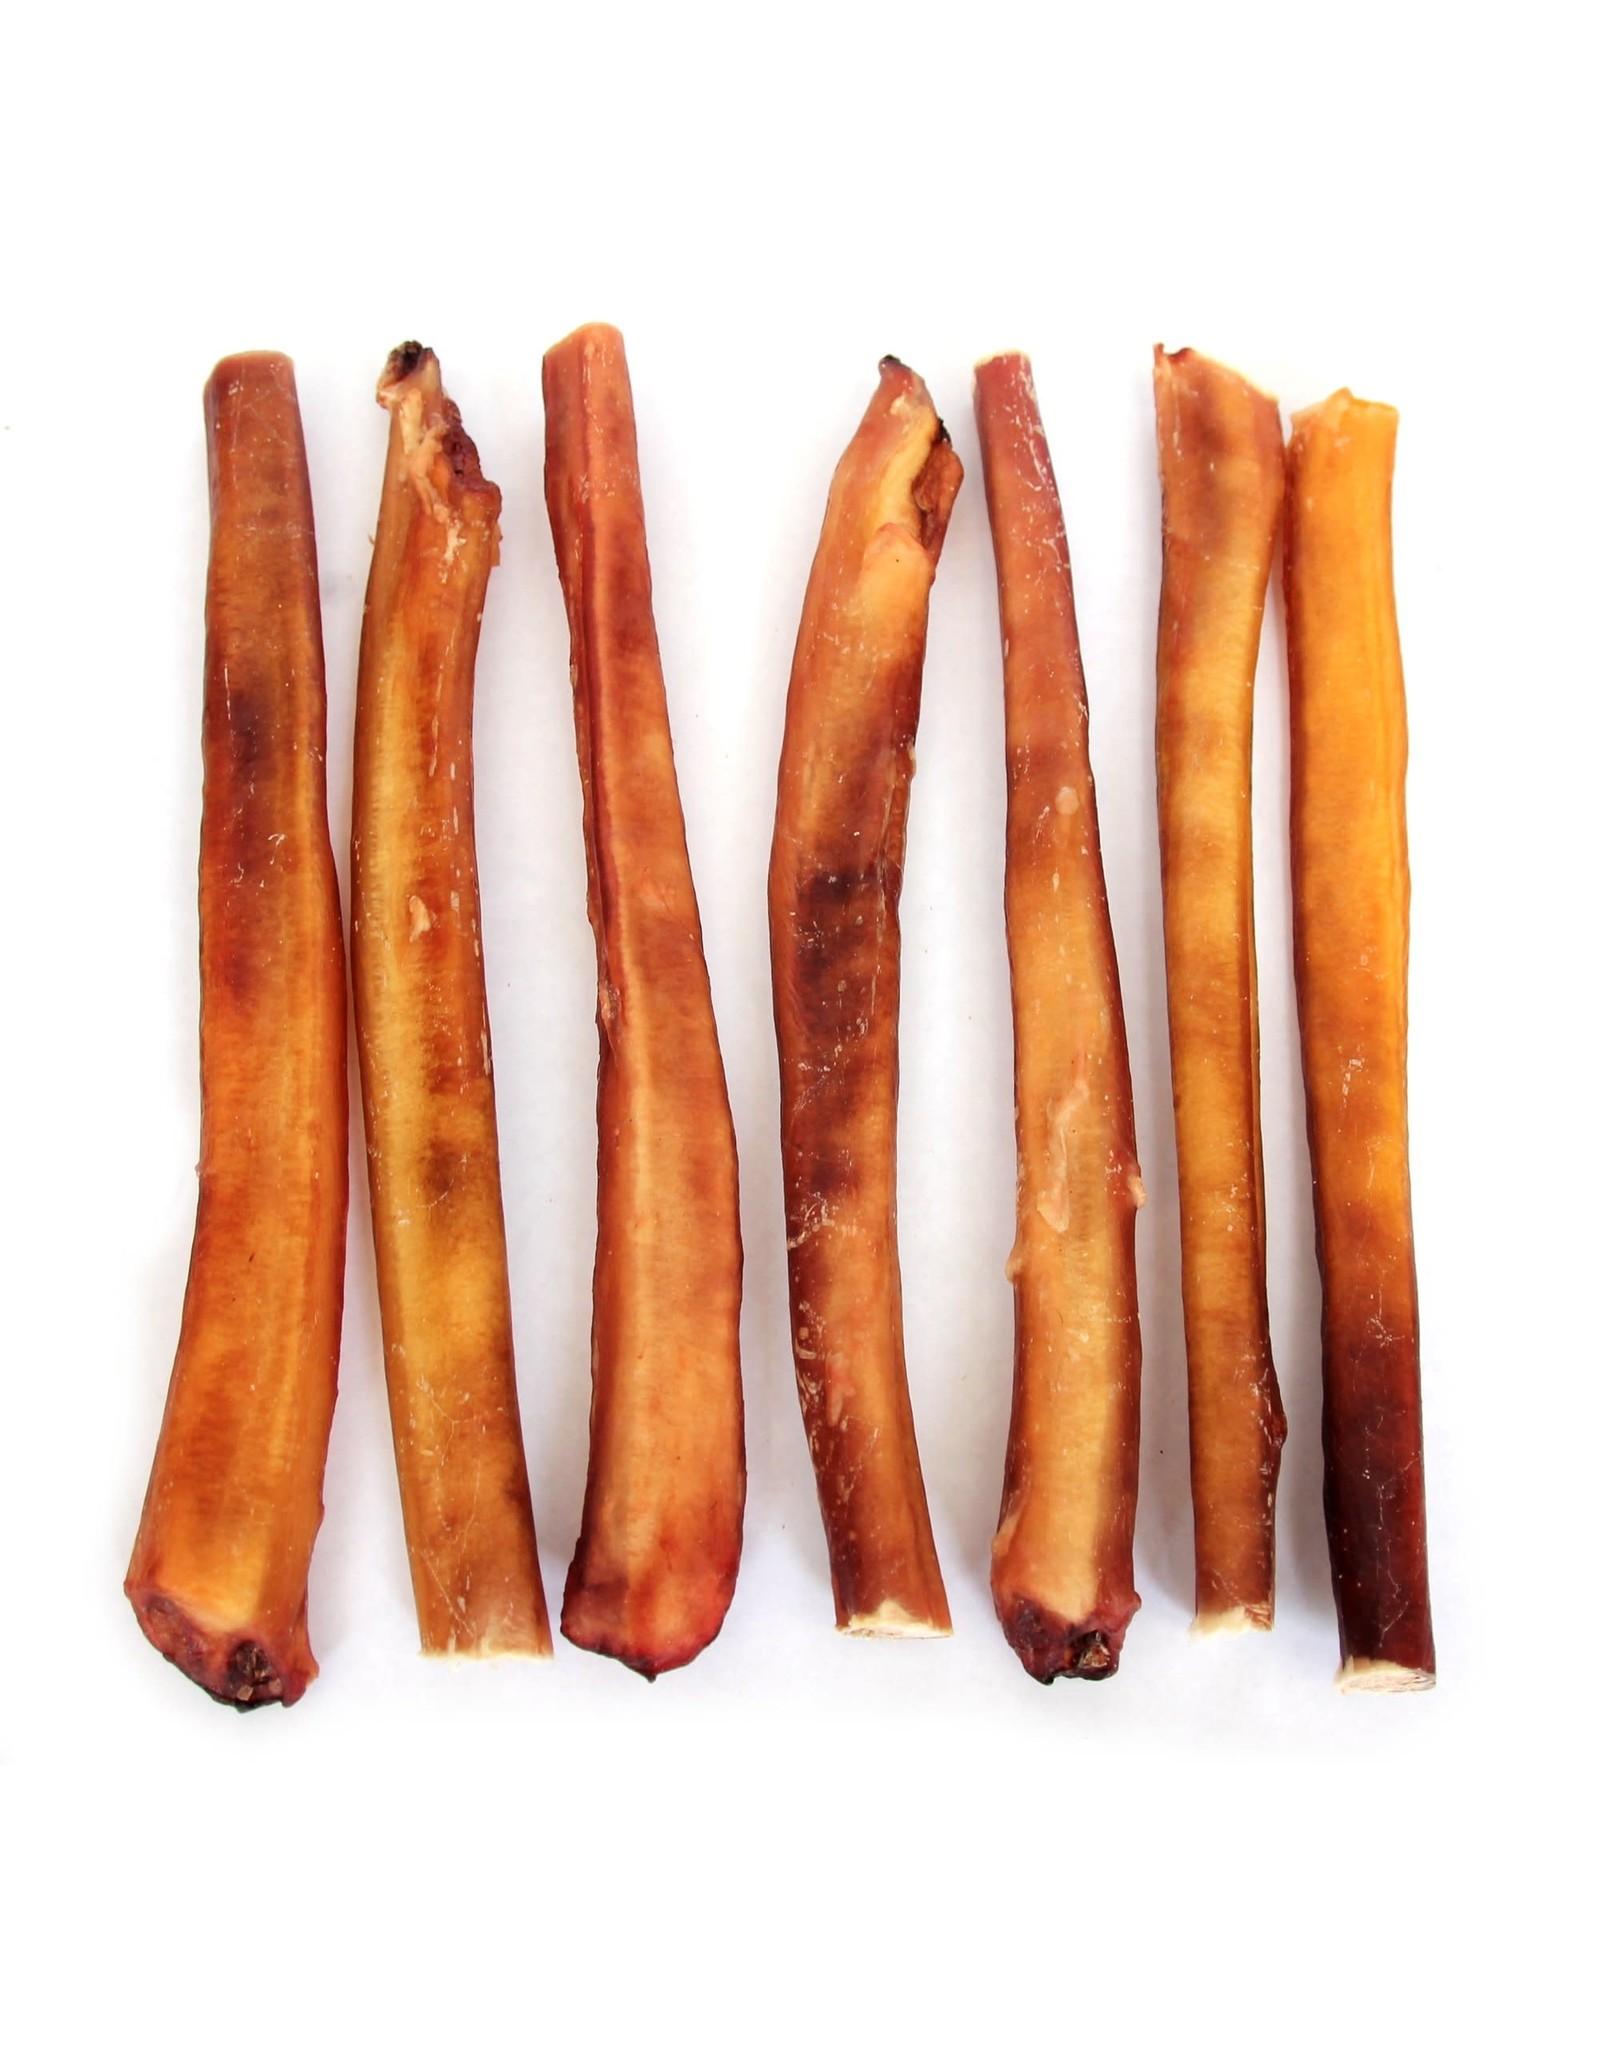 12in Jumbo Bully Sticks - Odor Free